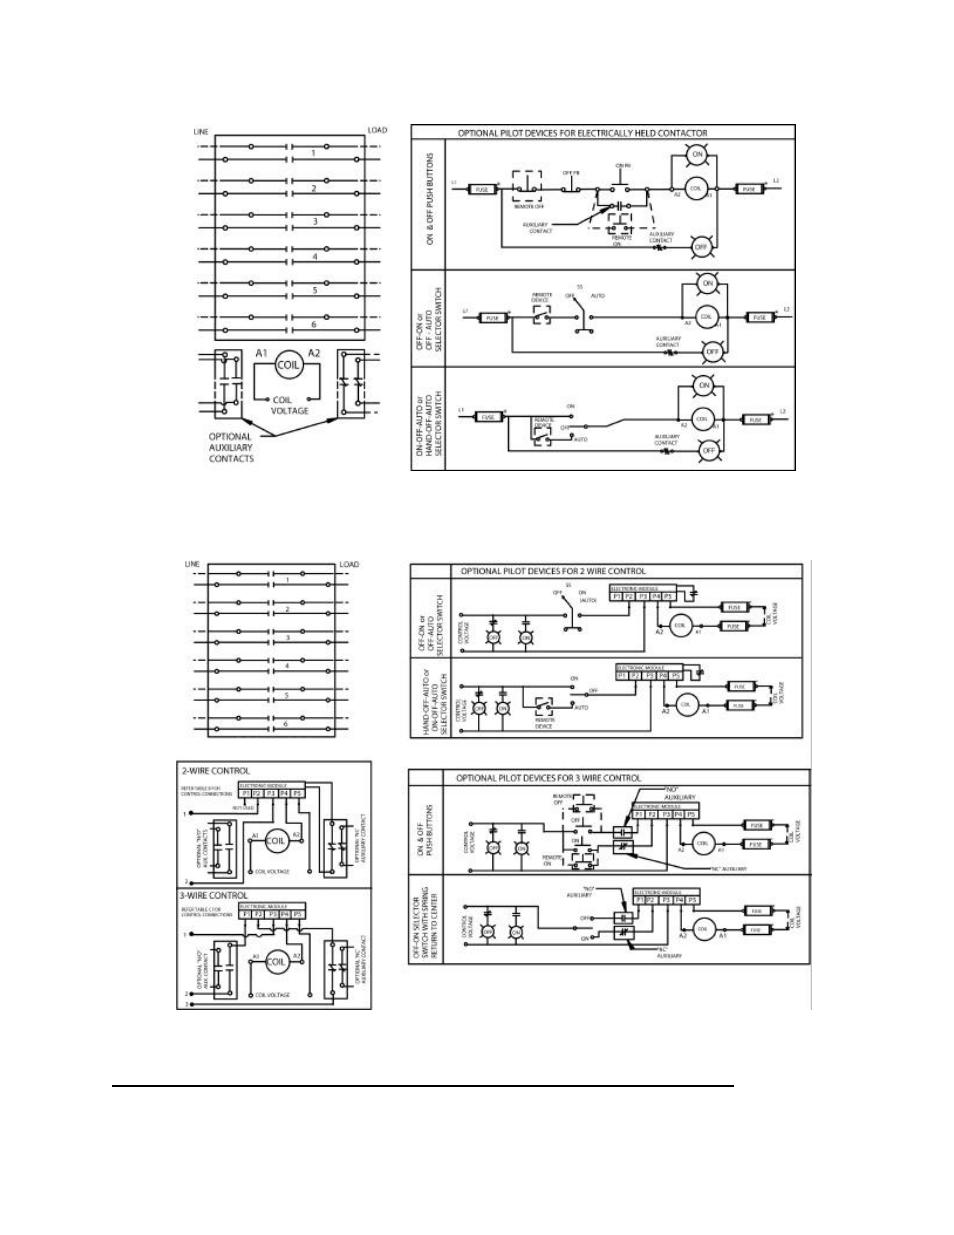 Ge Led Wiring Diagram - Wiring Diagram M2 Ge Switchgear Wiring Diagram on